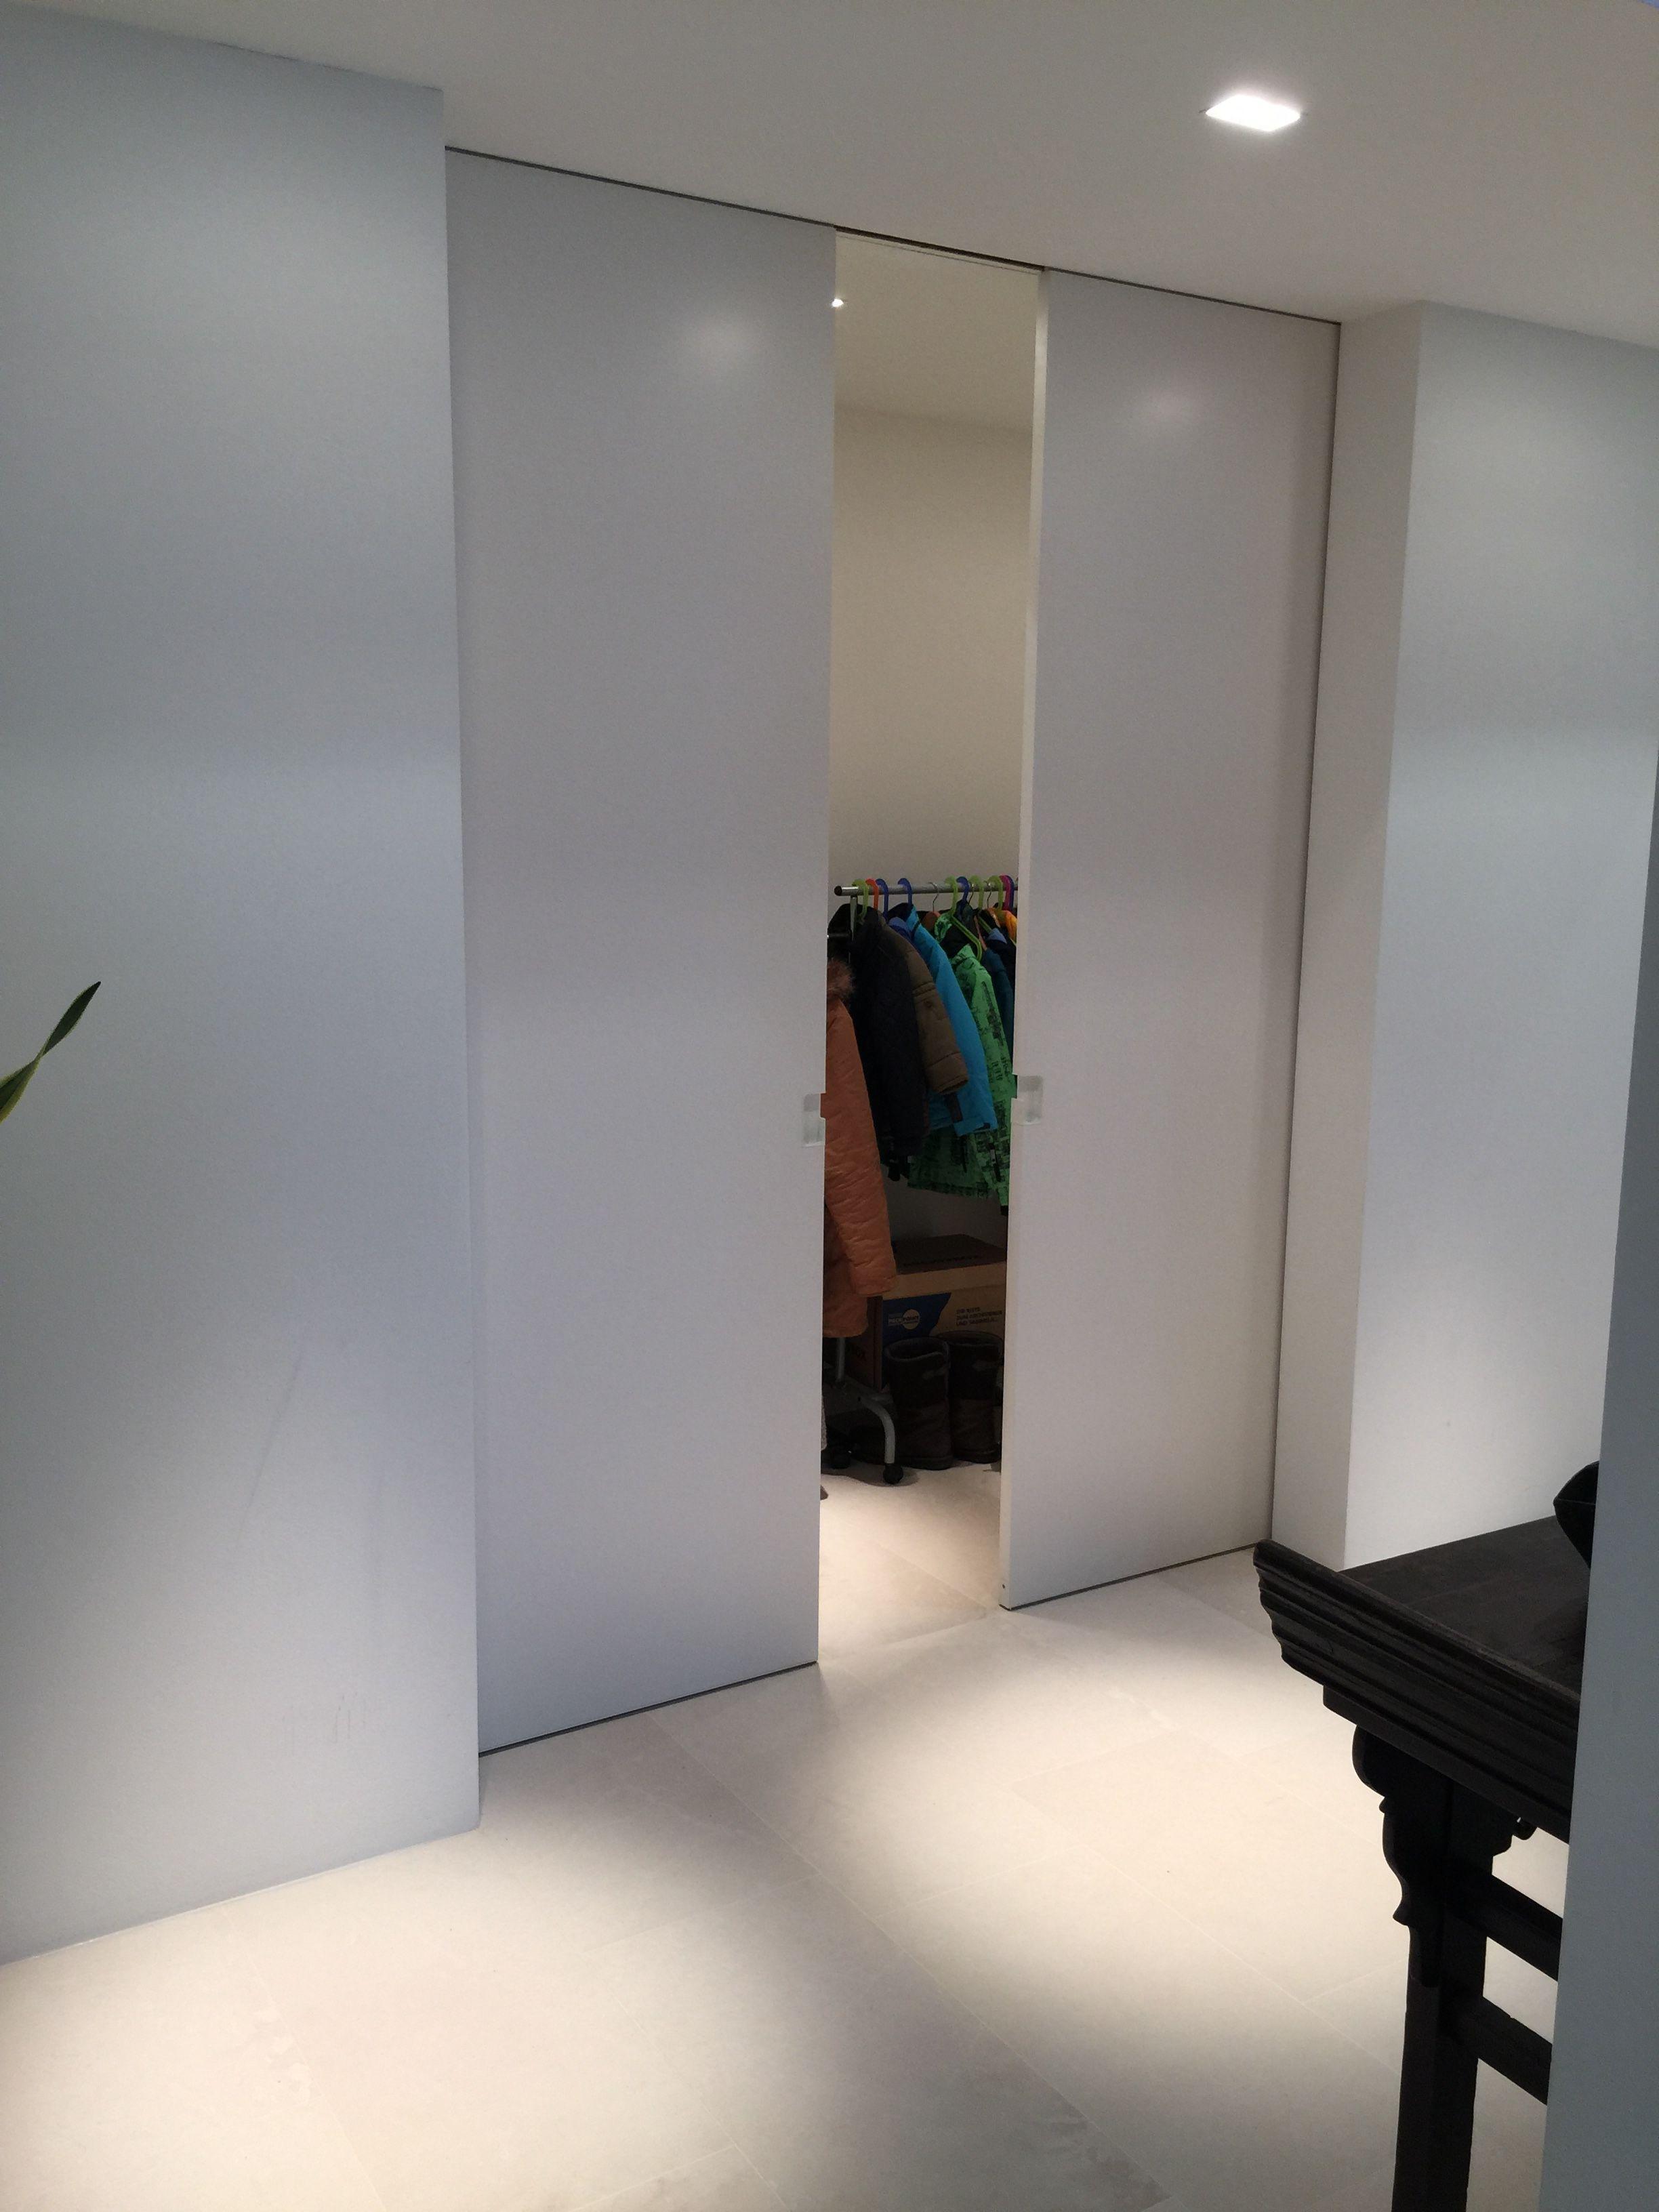 schiebet re h ngend mit fl chenb ndiger deckenschiene wp00 in lackiert ral9010 porta. Black Bedroom Furniture Sets. Home Design Ideas